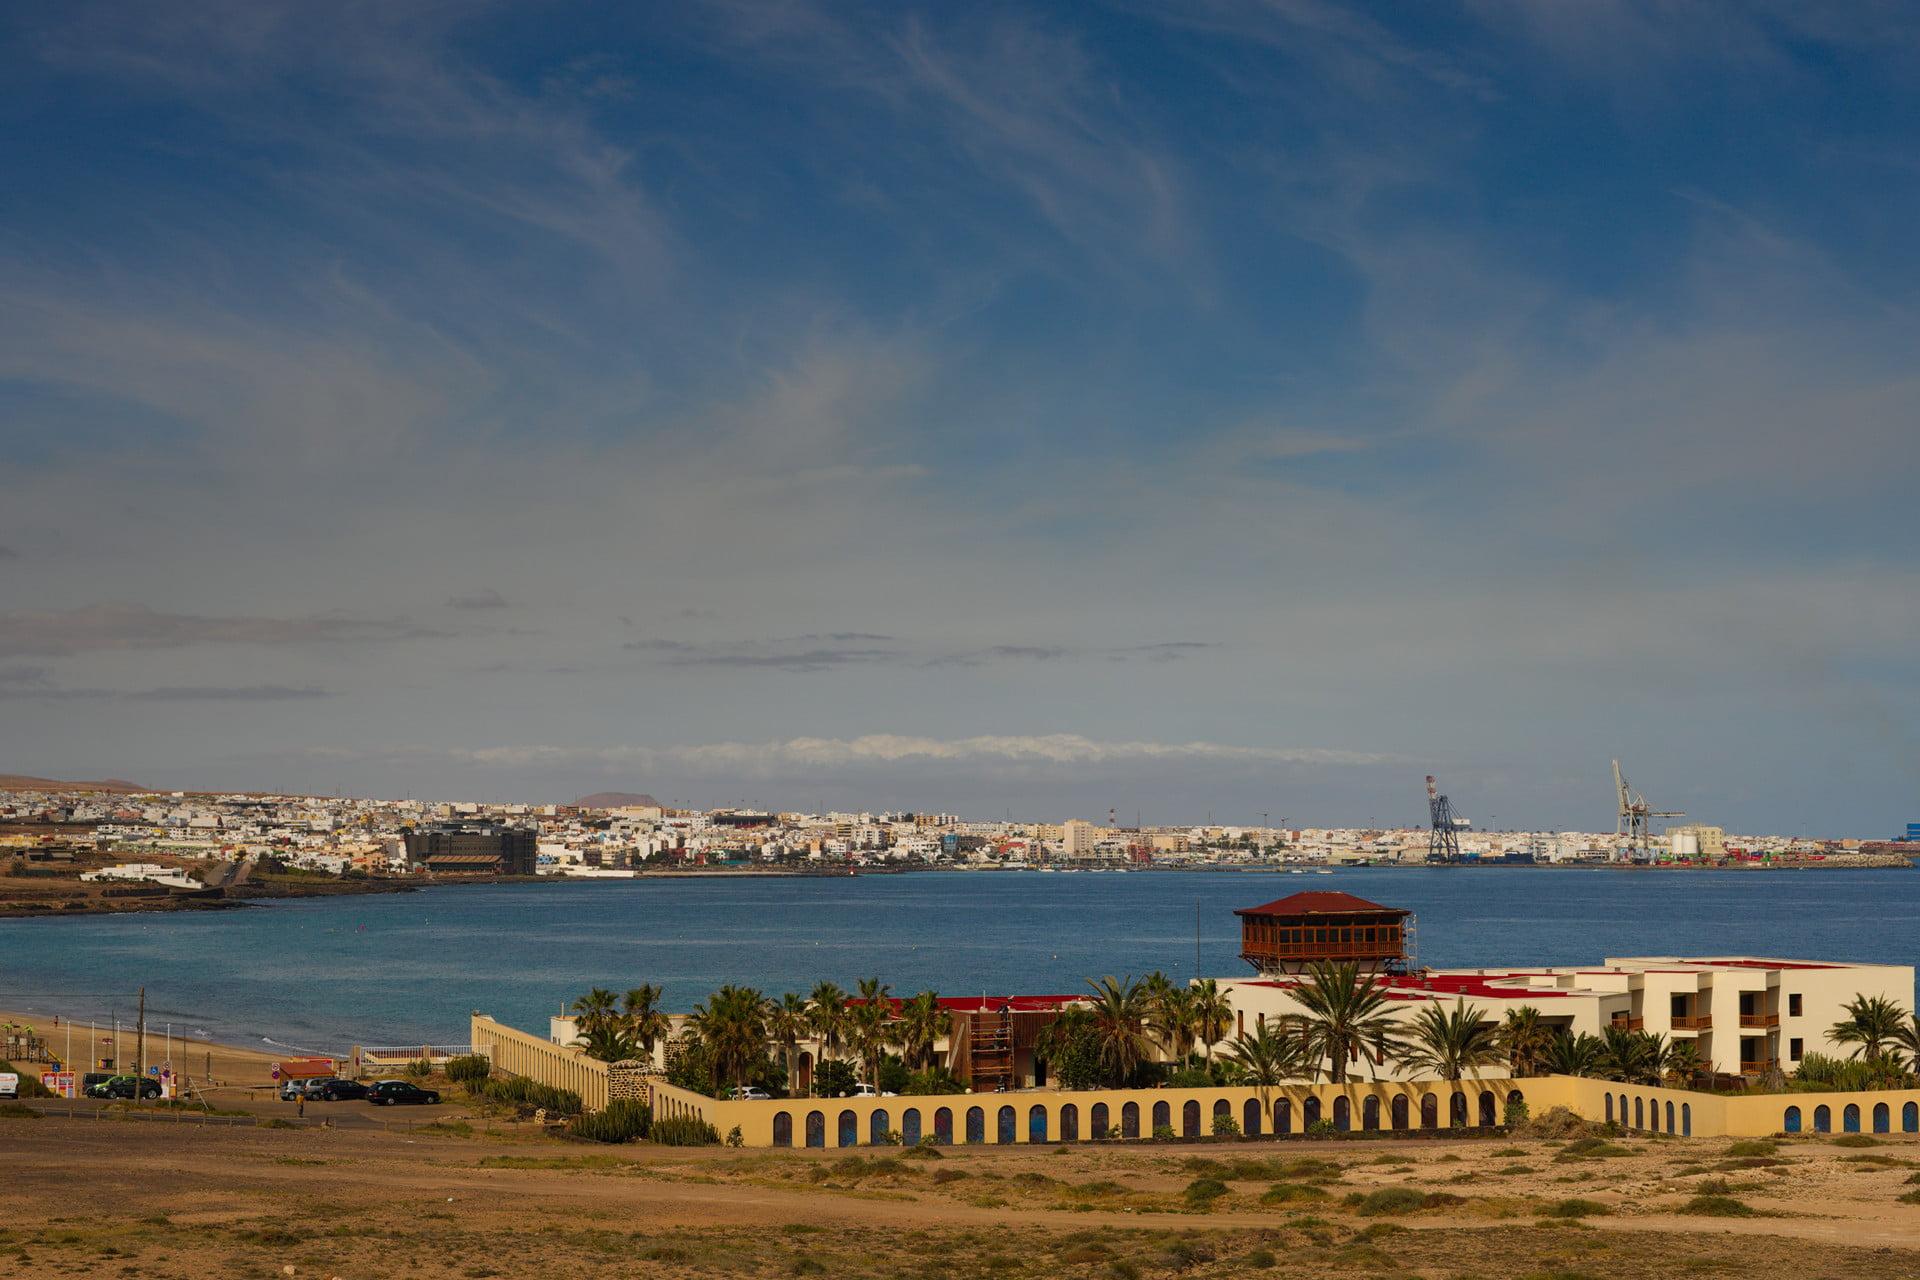 The old Parador Hotel and Puerto del Rosario